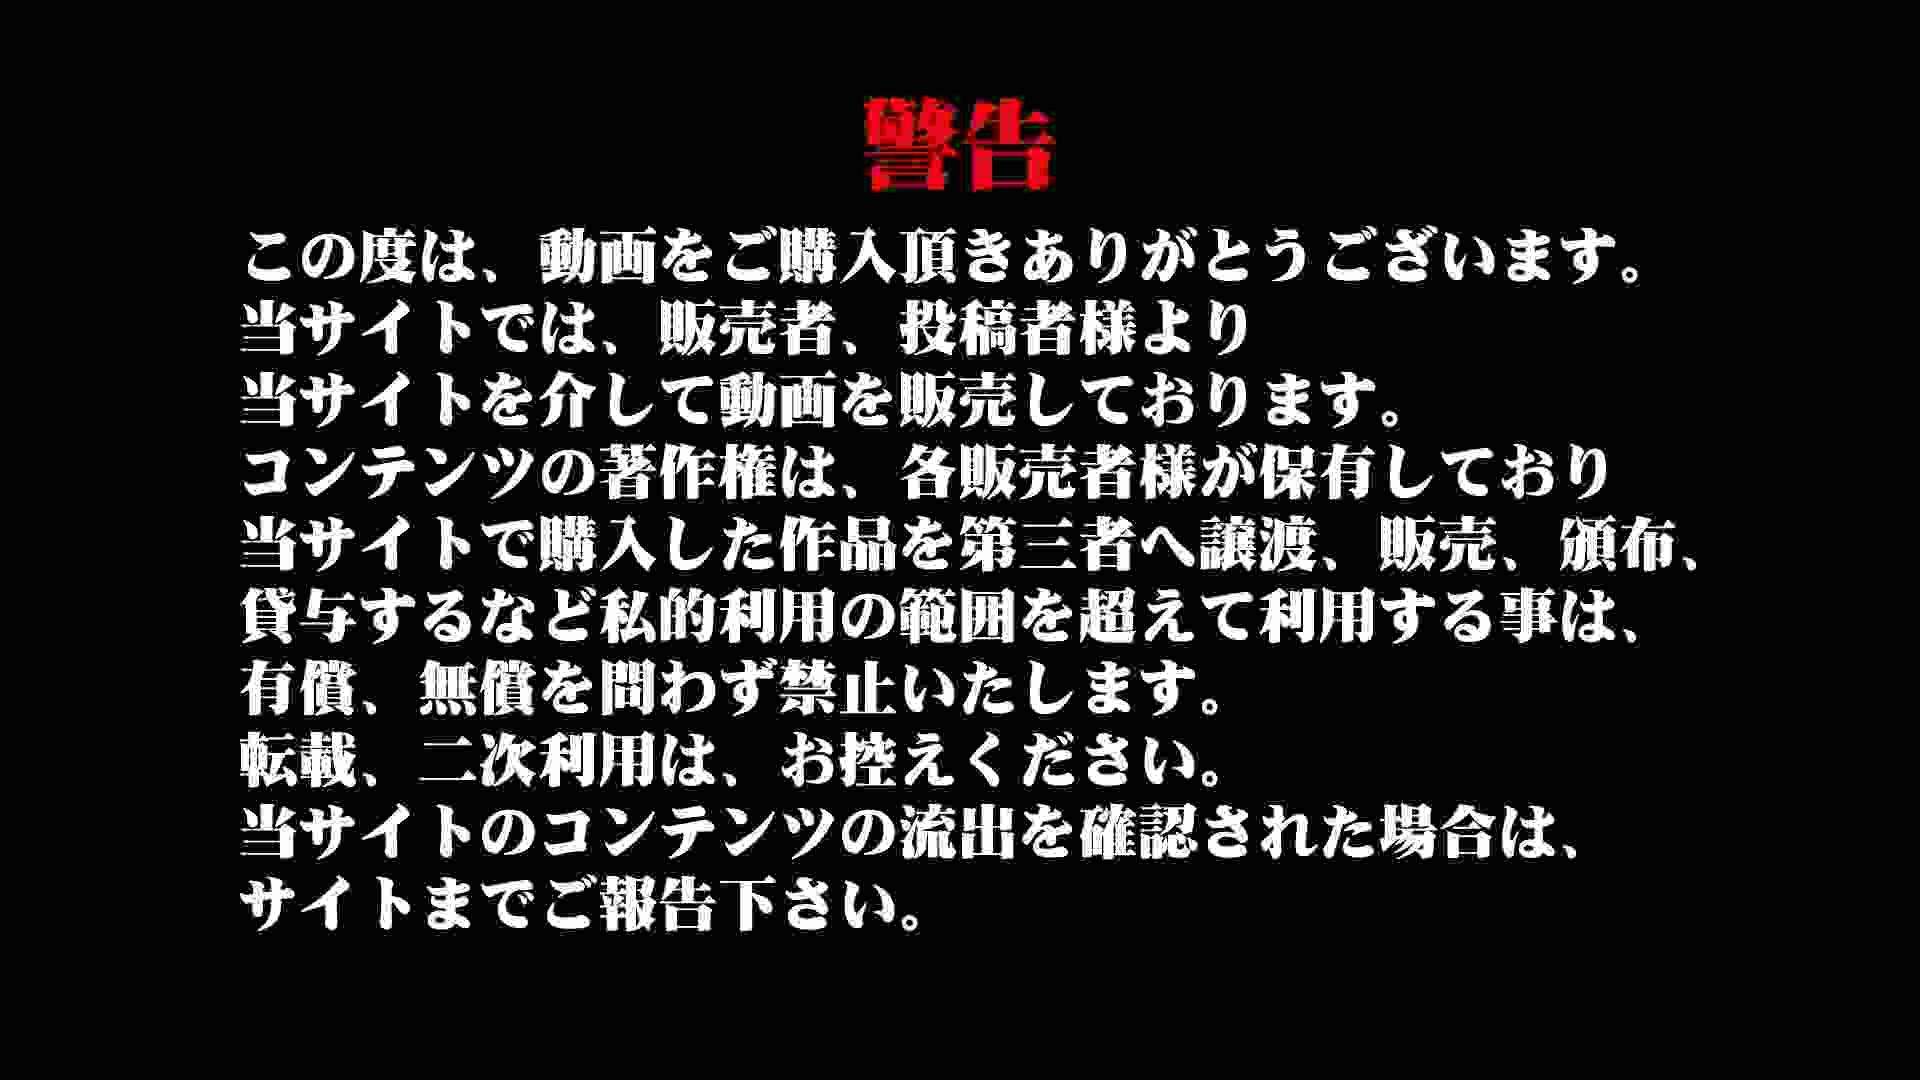 Aquaな露天風呂Vol.927 OLのエロ生活 | 盗撮  89連発 40